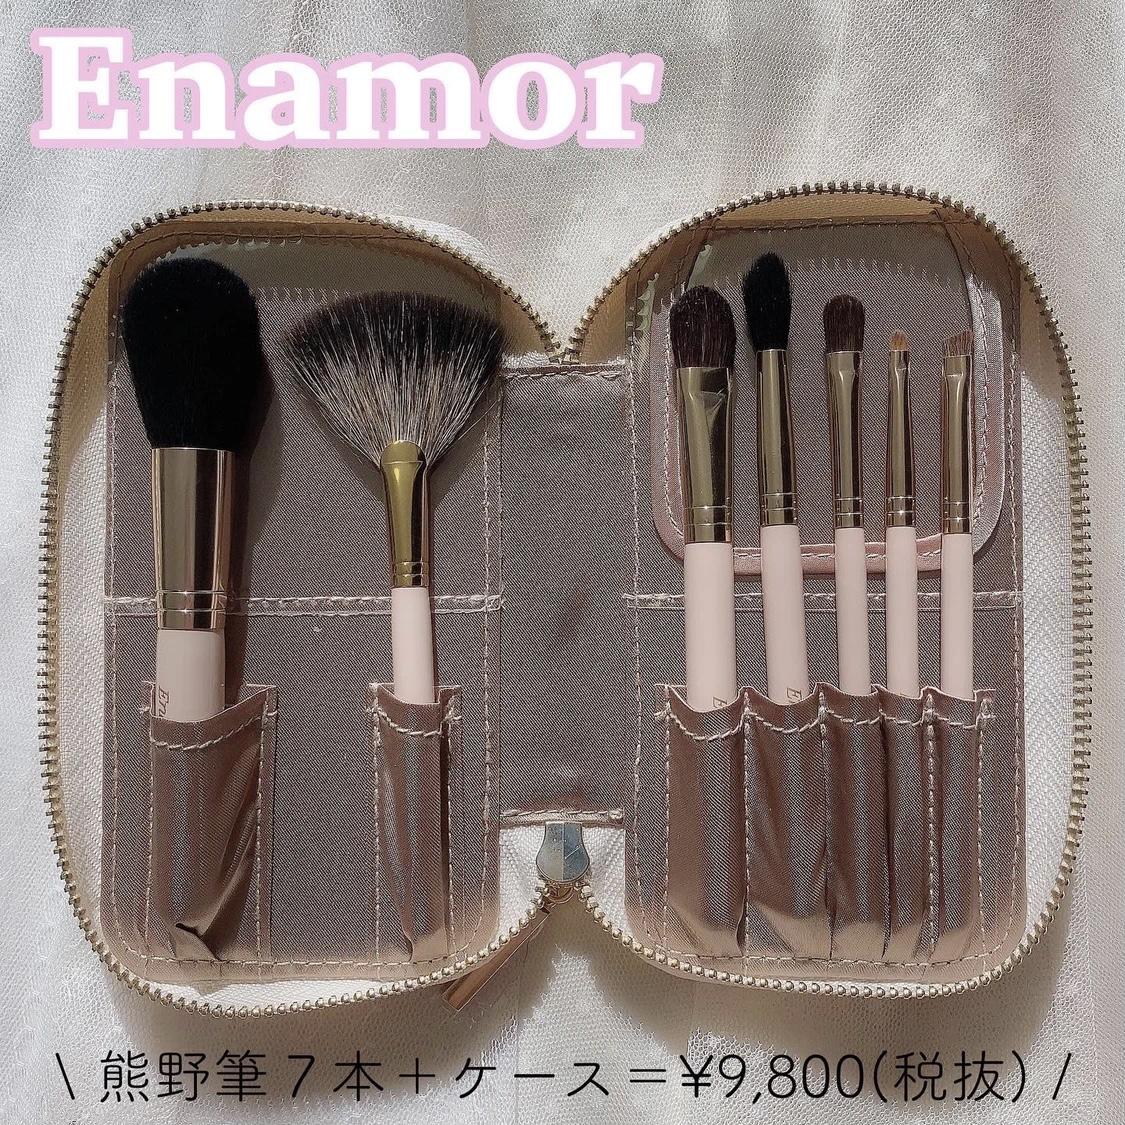 Enamor(エナモル)メイクブラシ7本&ブラシケースセットを使った只野ひとみさんのクチコミ画像1